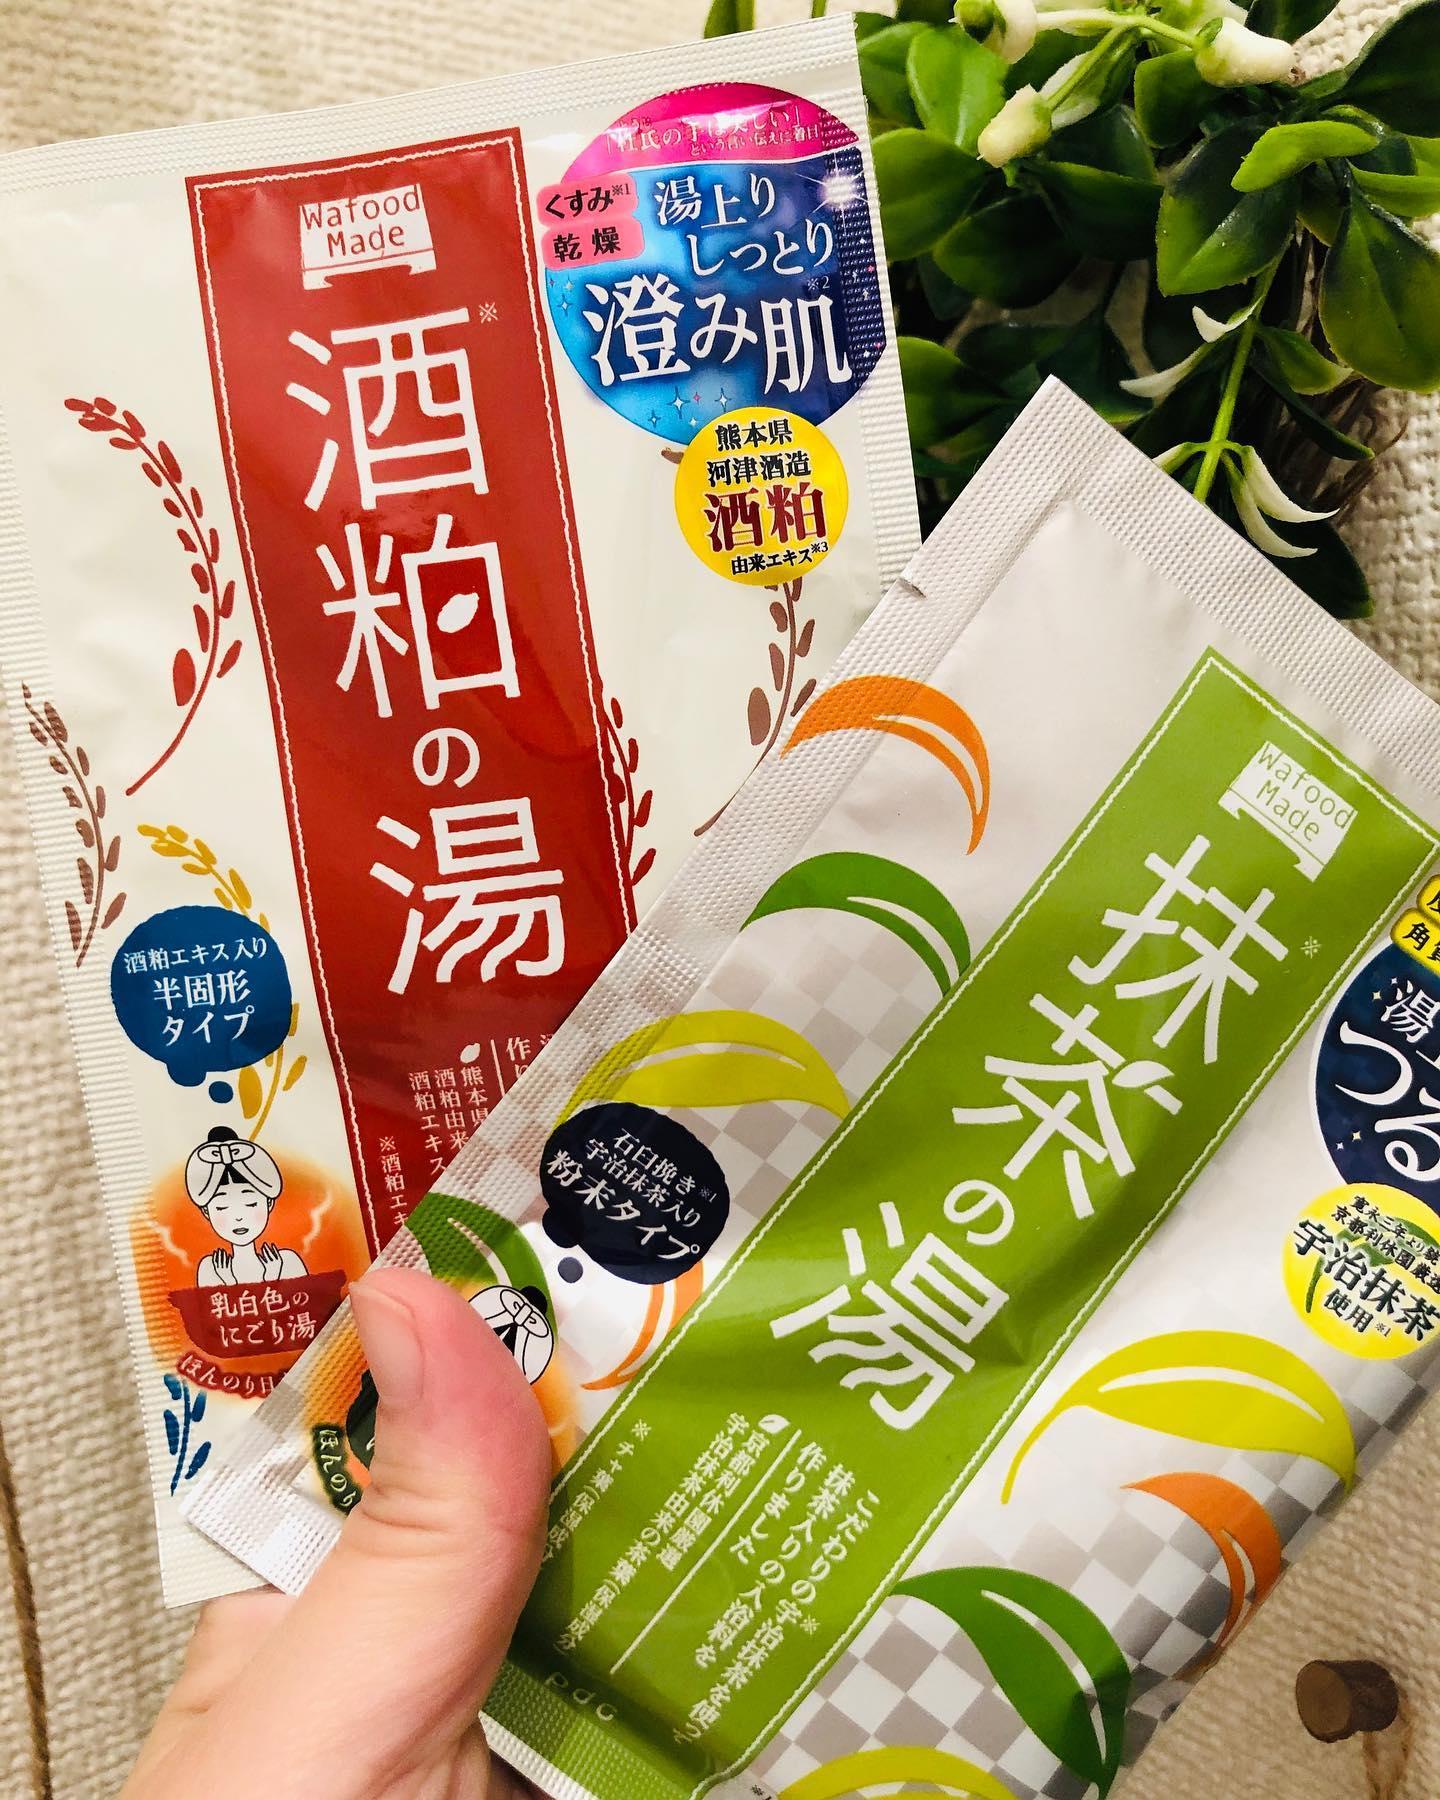 口コミ投稿:夜の気温が下がってきた岡山市です。フラワーメイドの素材に拘った入浴剤を使ってみ…